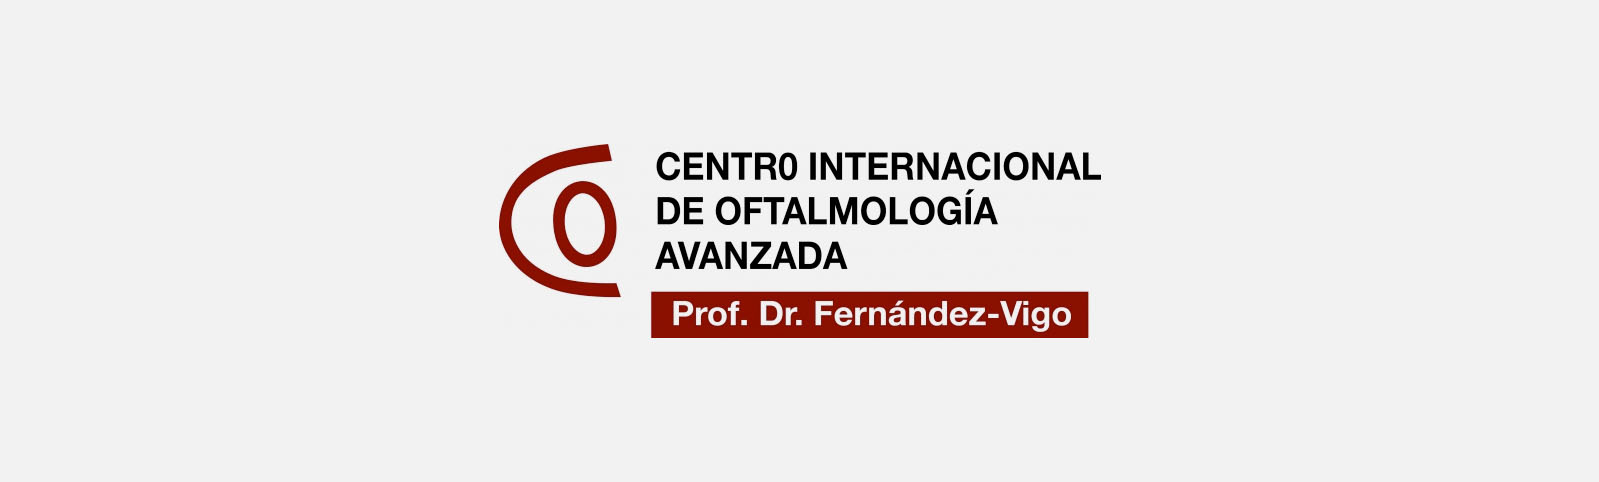 logo oftalmologia